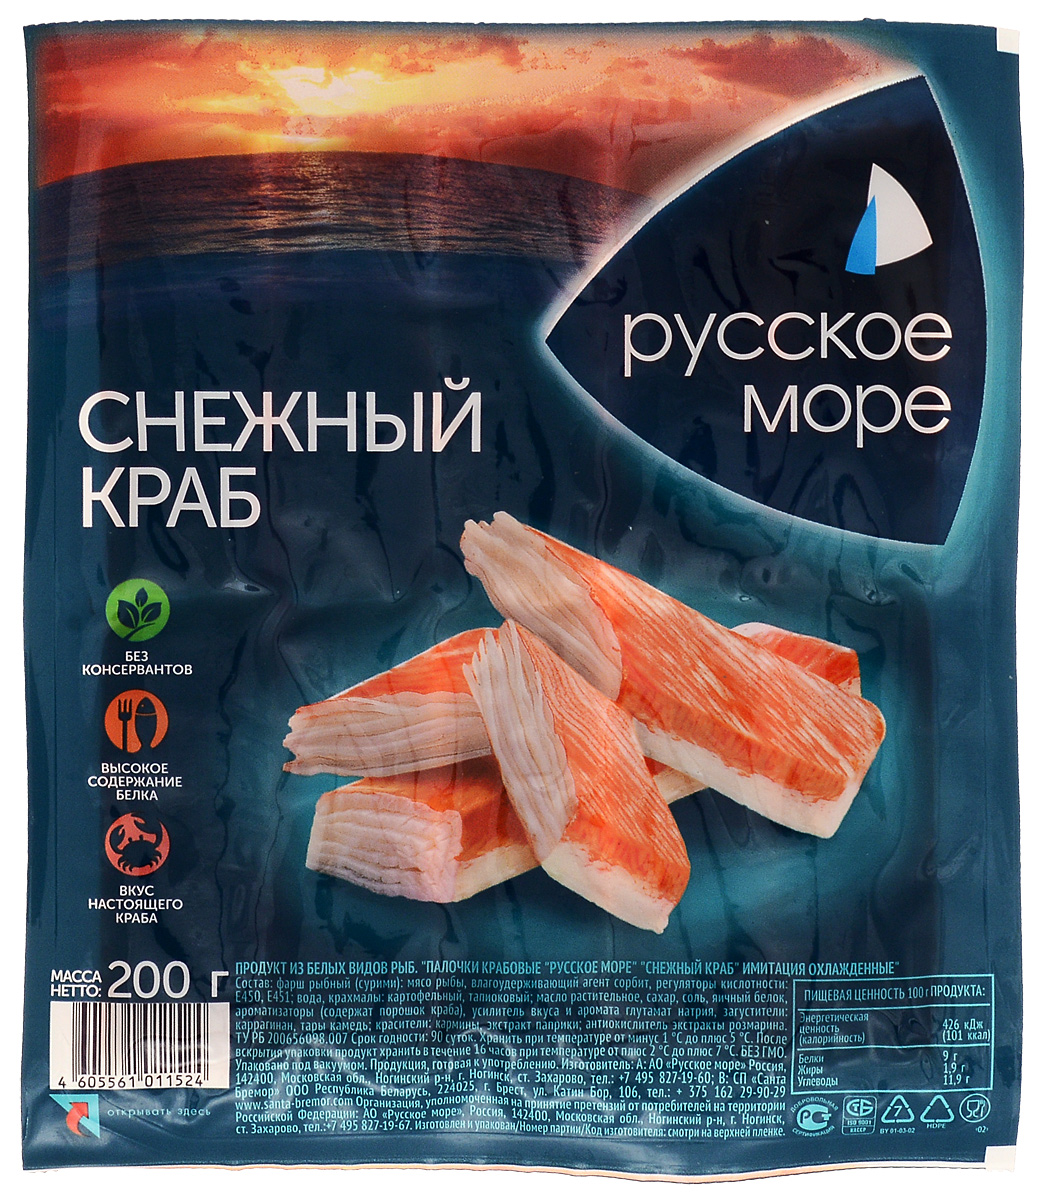 Русское Море Крабовые палочки Снежный краб, охлажденные, 200 г русское море икра зернистая лососевая 430 г